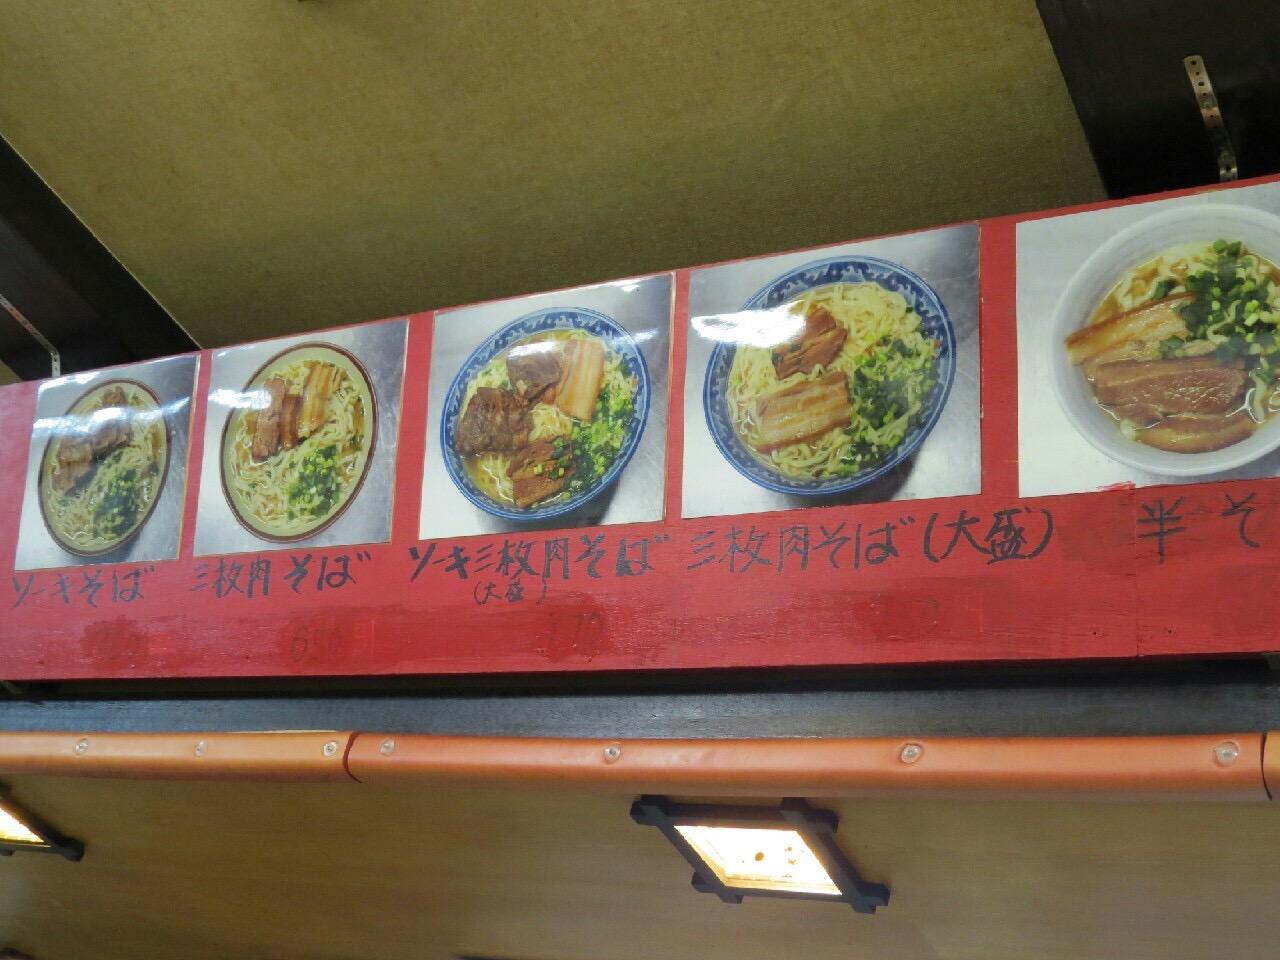 おすすめ沖縄の観光!沖縄そば「すばや」で決まり!沖縄で食べたいそば屋はここ。